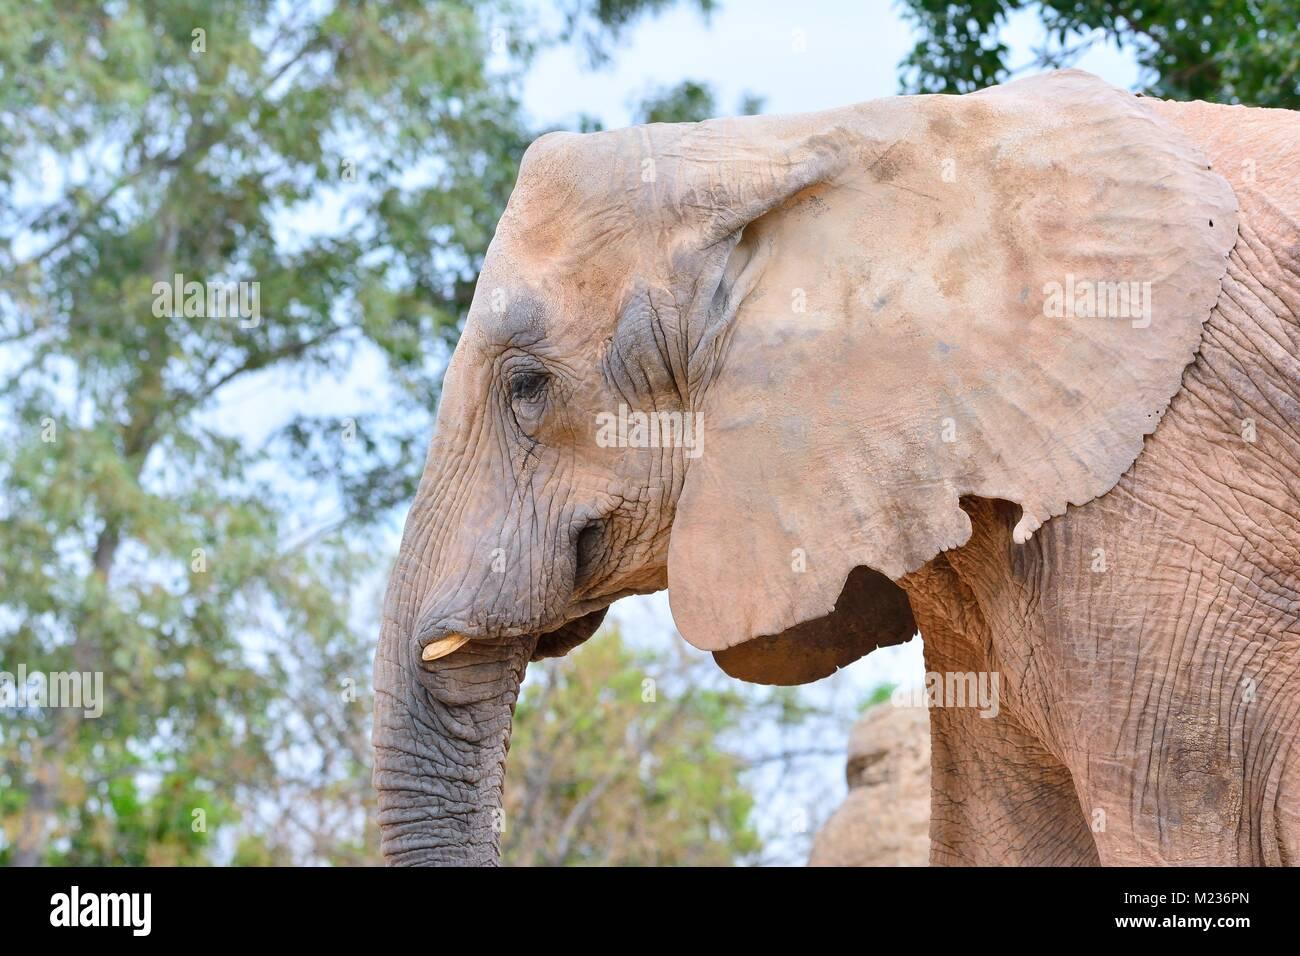 In der Nähe von Elephant Trunk Grey's gehäutet und Mund mit Tusk Stockfoto